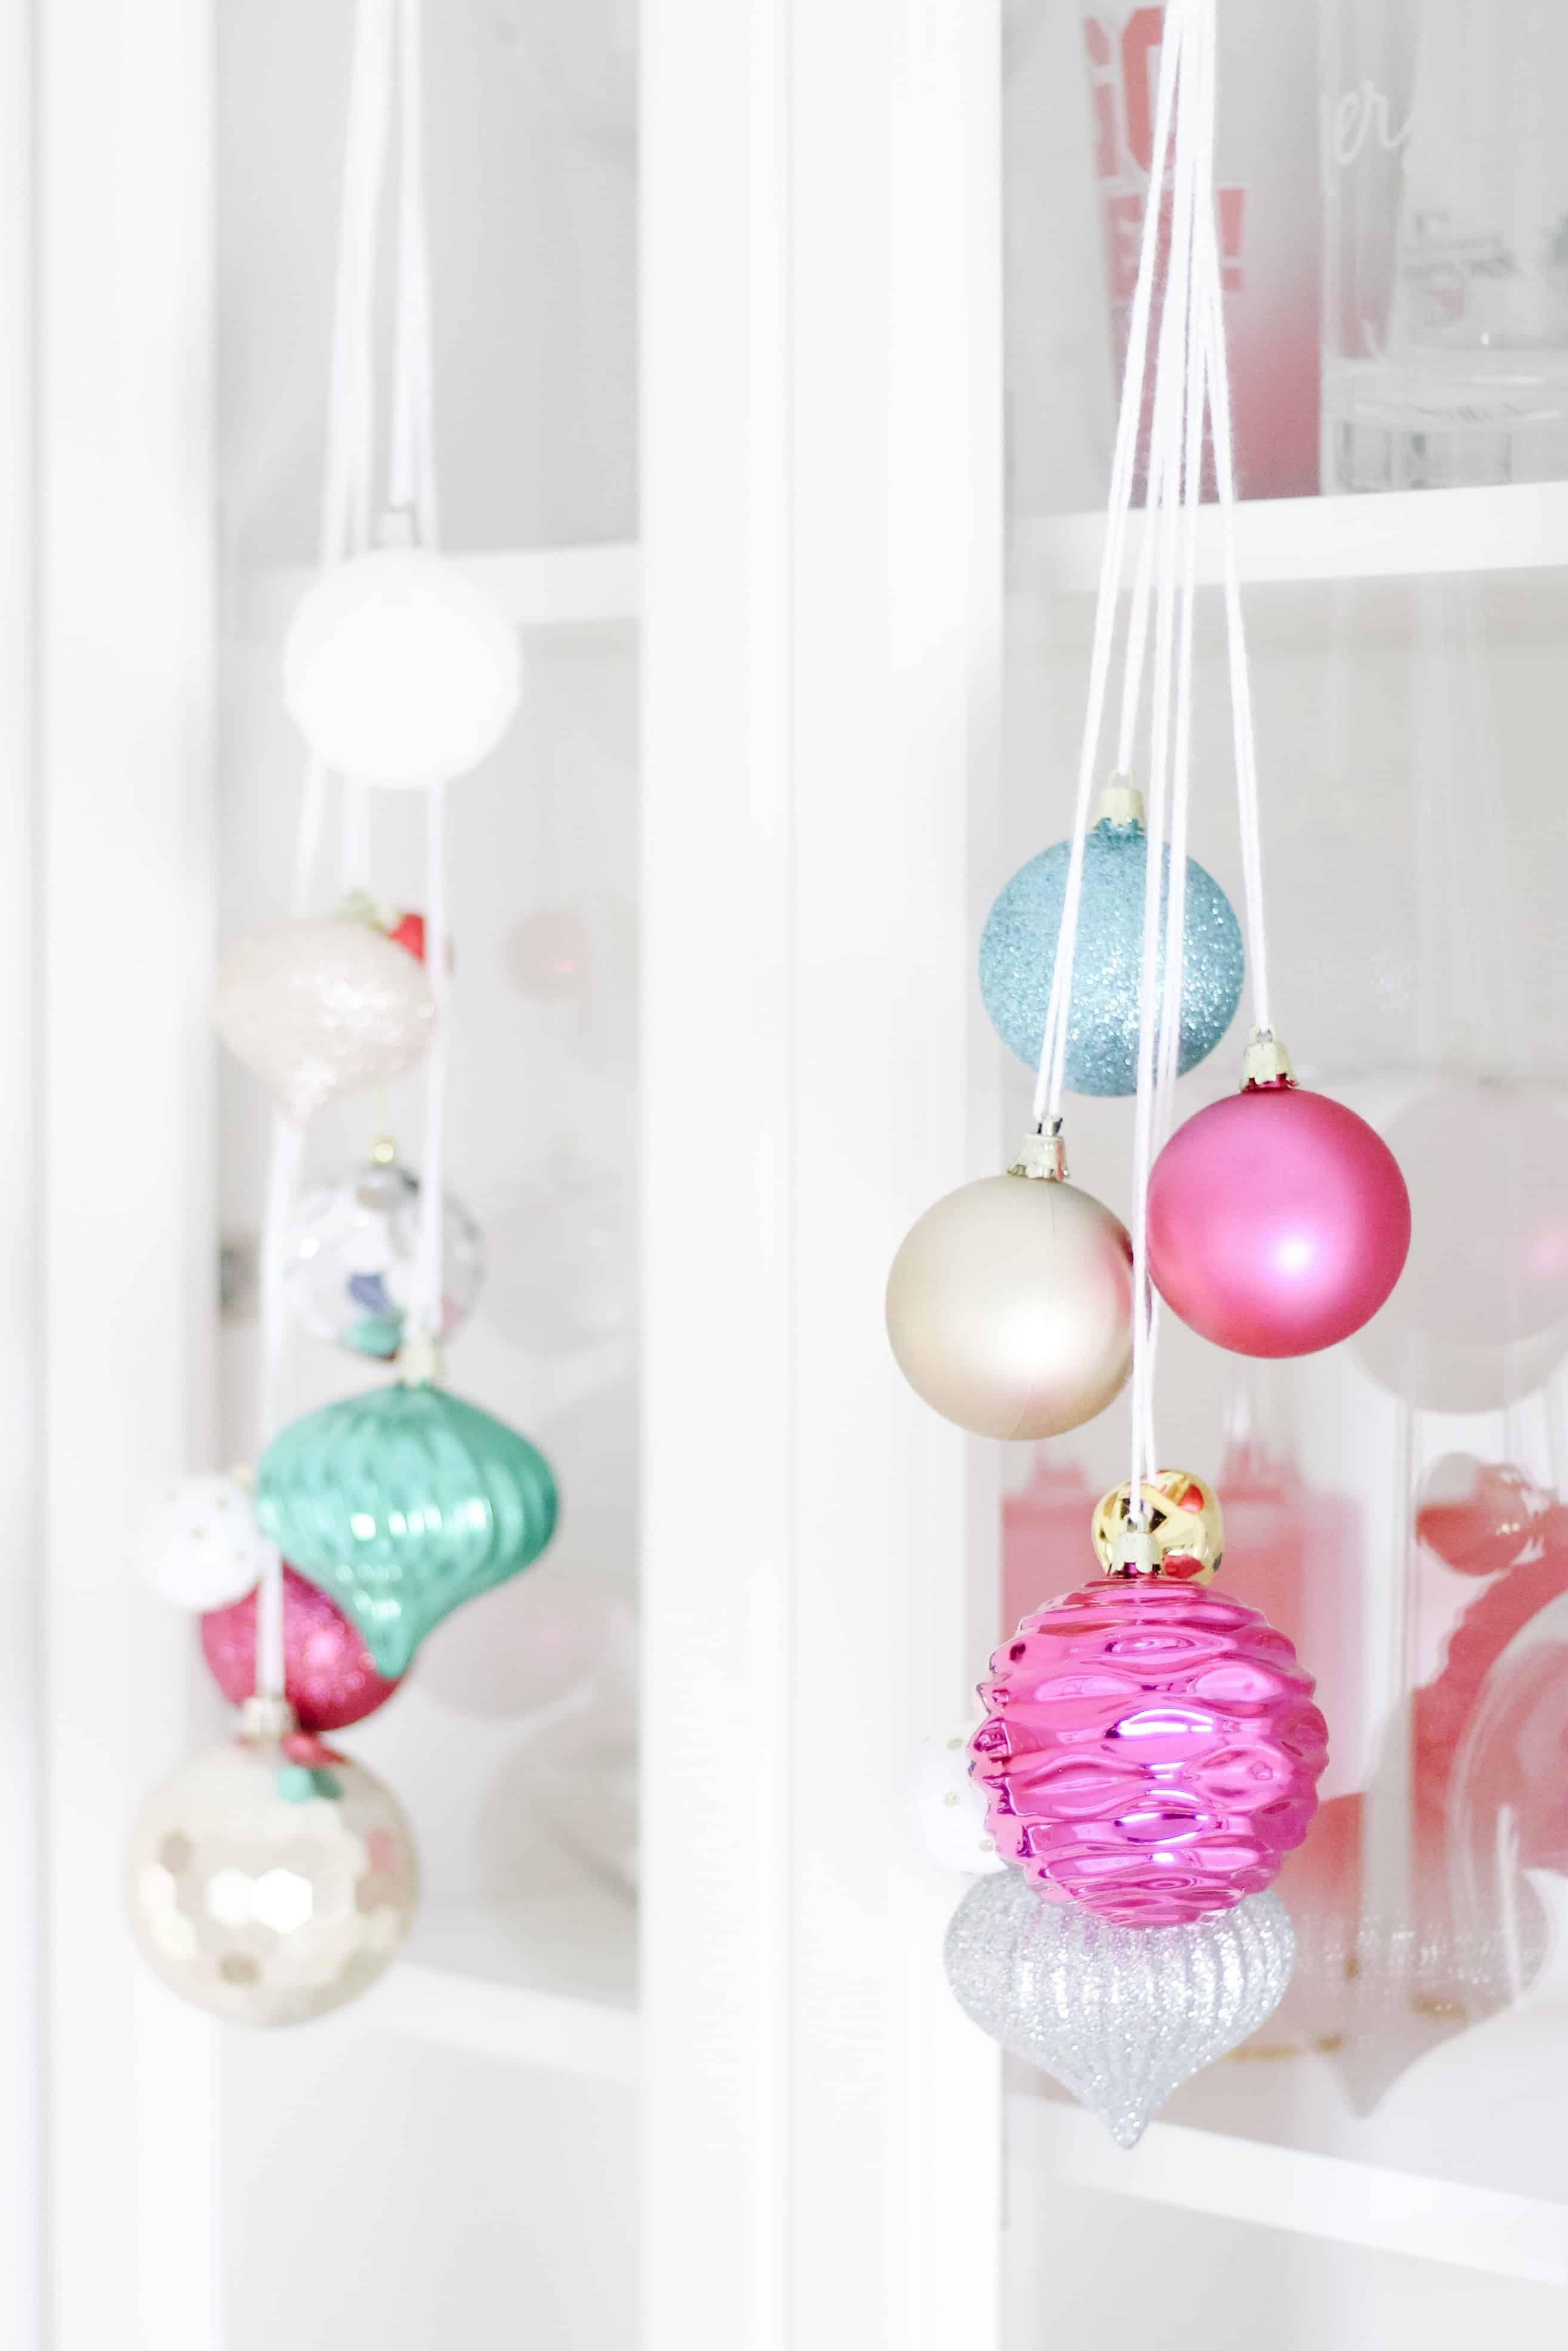 hanging ornaments in doors